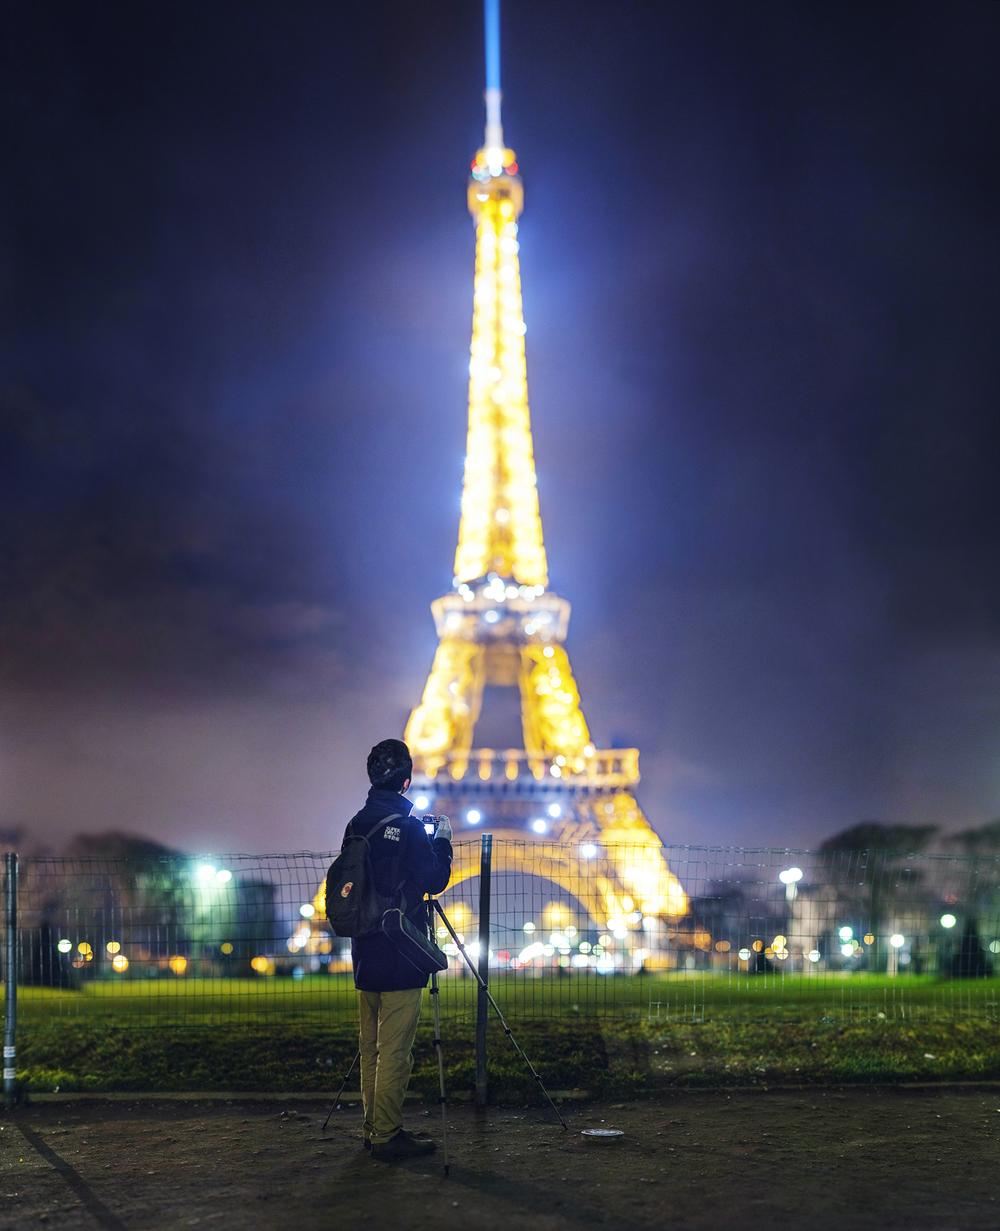 フランス:「エッフェル塔/Effele tower」